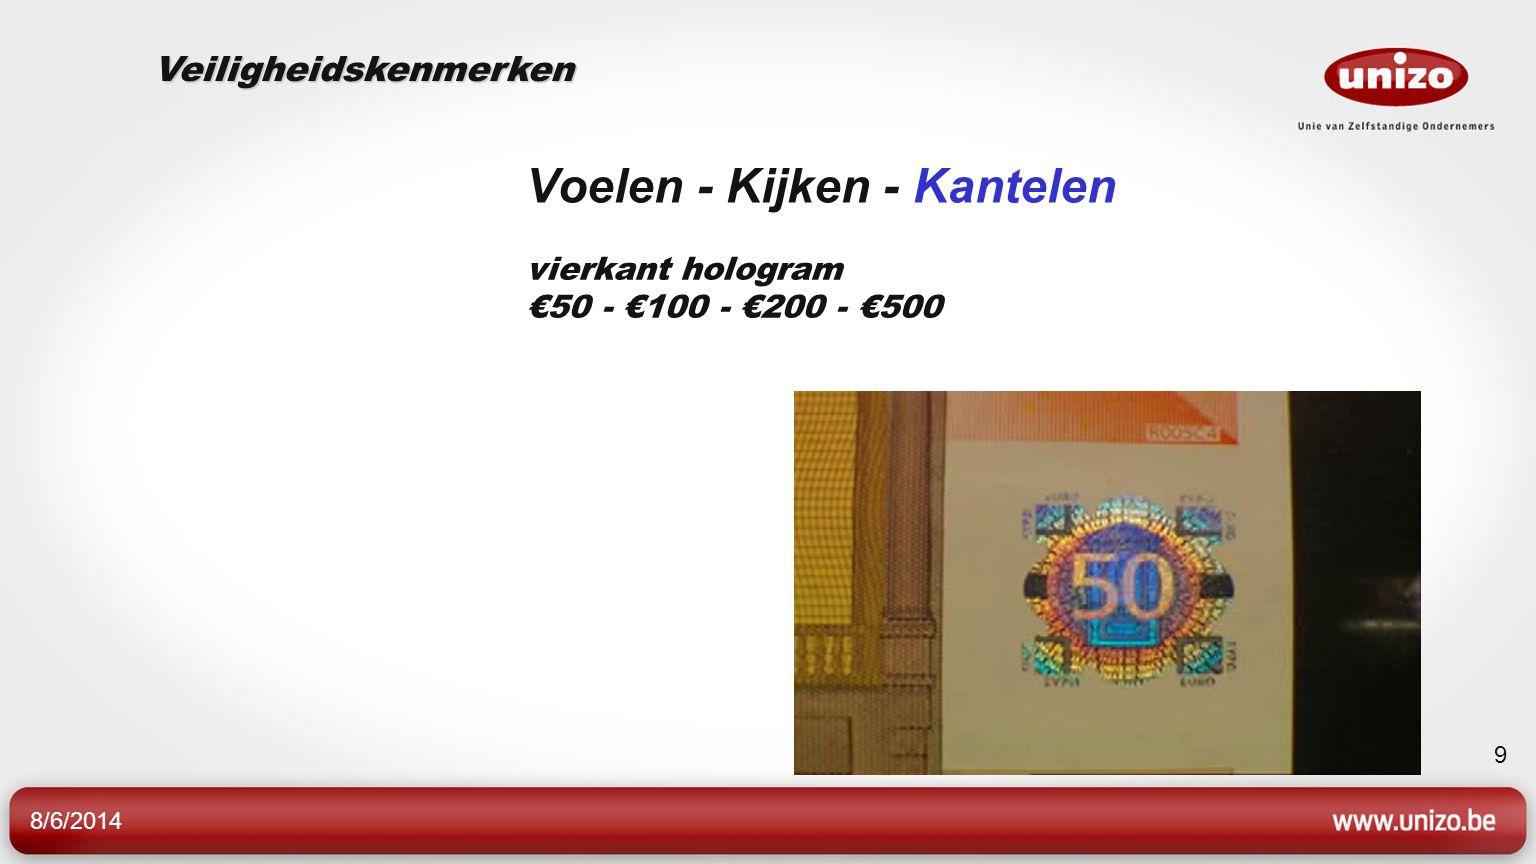 8/6/2014 9 Voelen - Kijken - Kantelen vierkant hologram €50 - €100 - €200 - €500 Veiligheidskenmerken